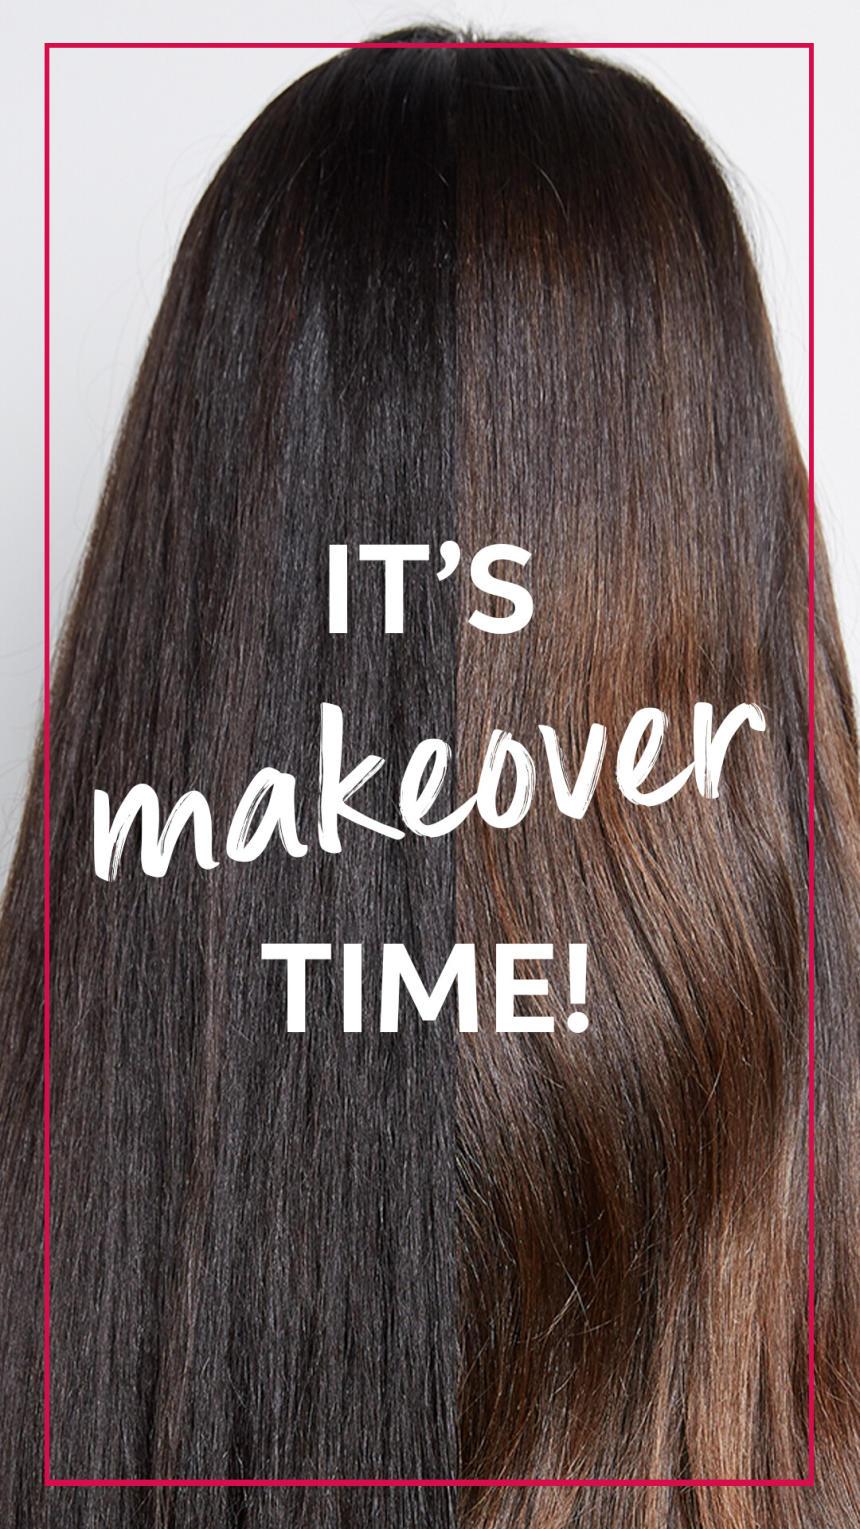 Makeover Contest IG Story v1 LB.jpg